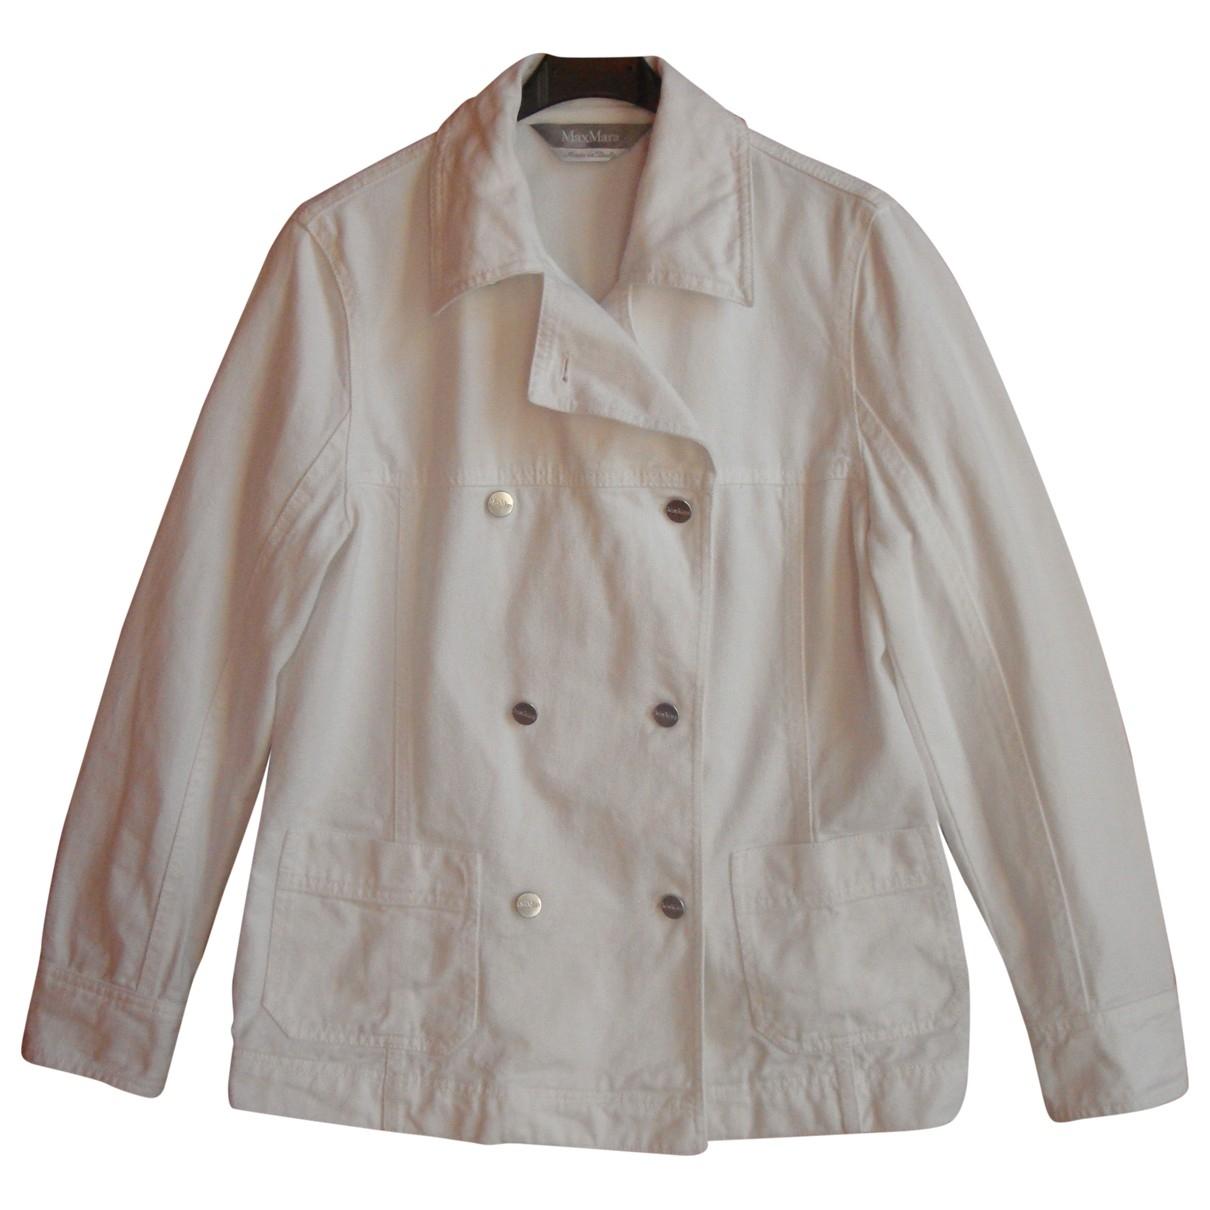 Max Mara \N White Cotton jacket for Women 38 FR